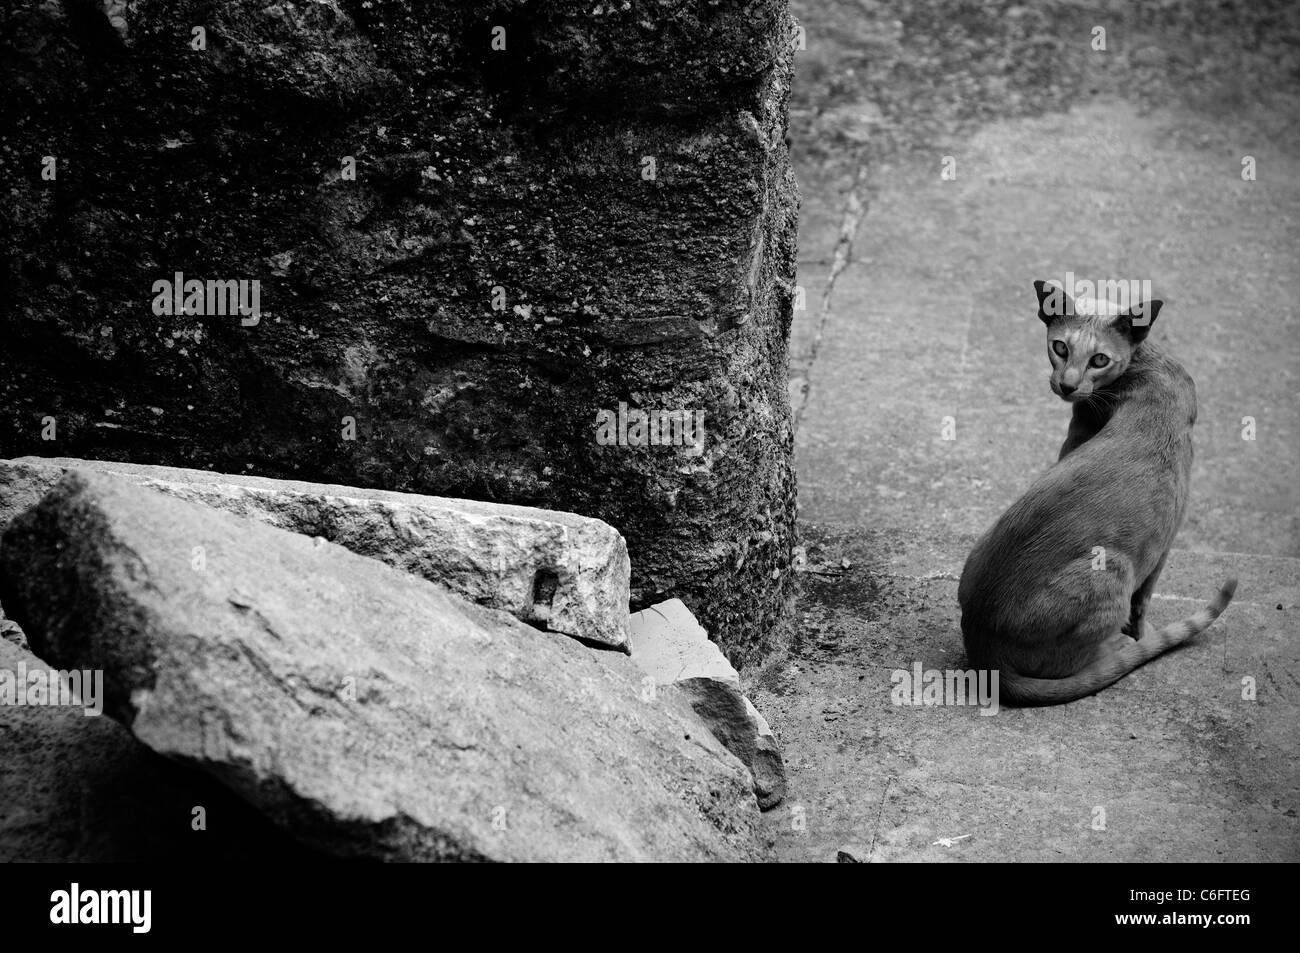 Santo Stefano di Sessanio, Italia, Aprile 2009. Resti di L'Aquila terremoto. Cat Immagini Stock